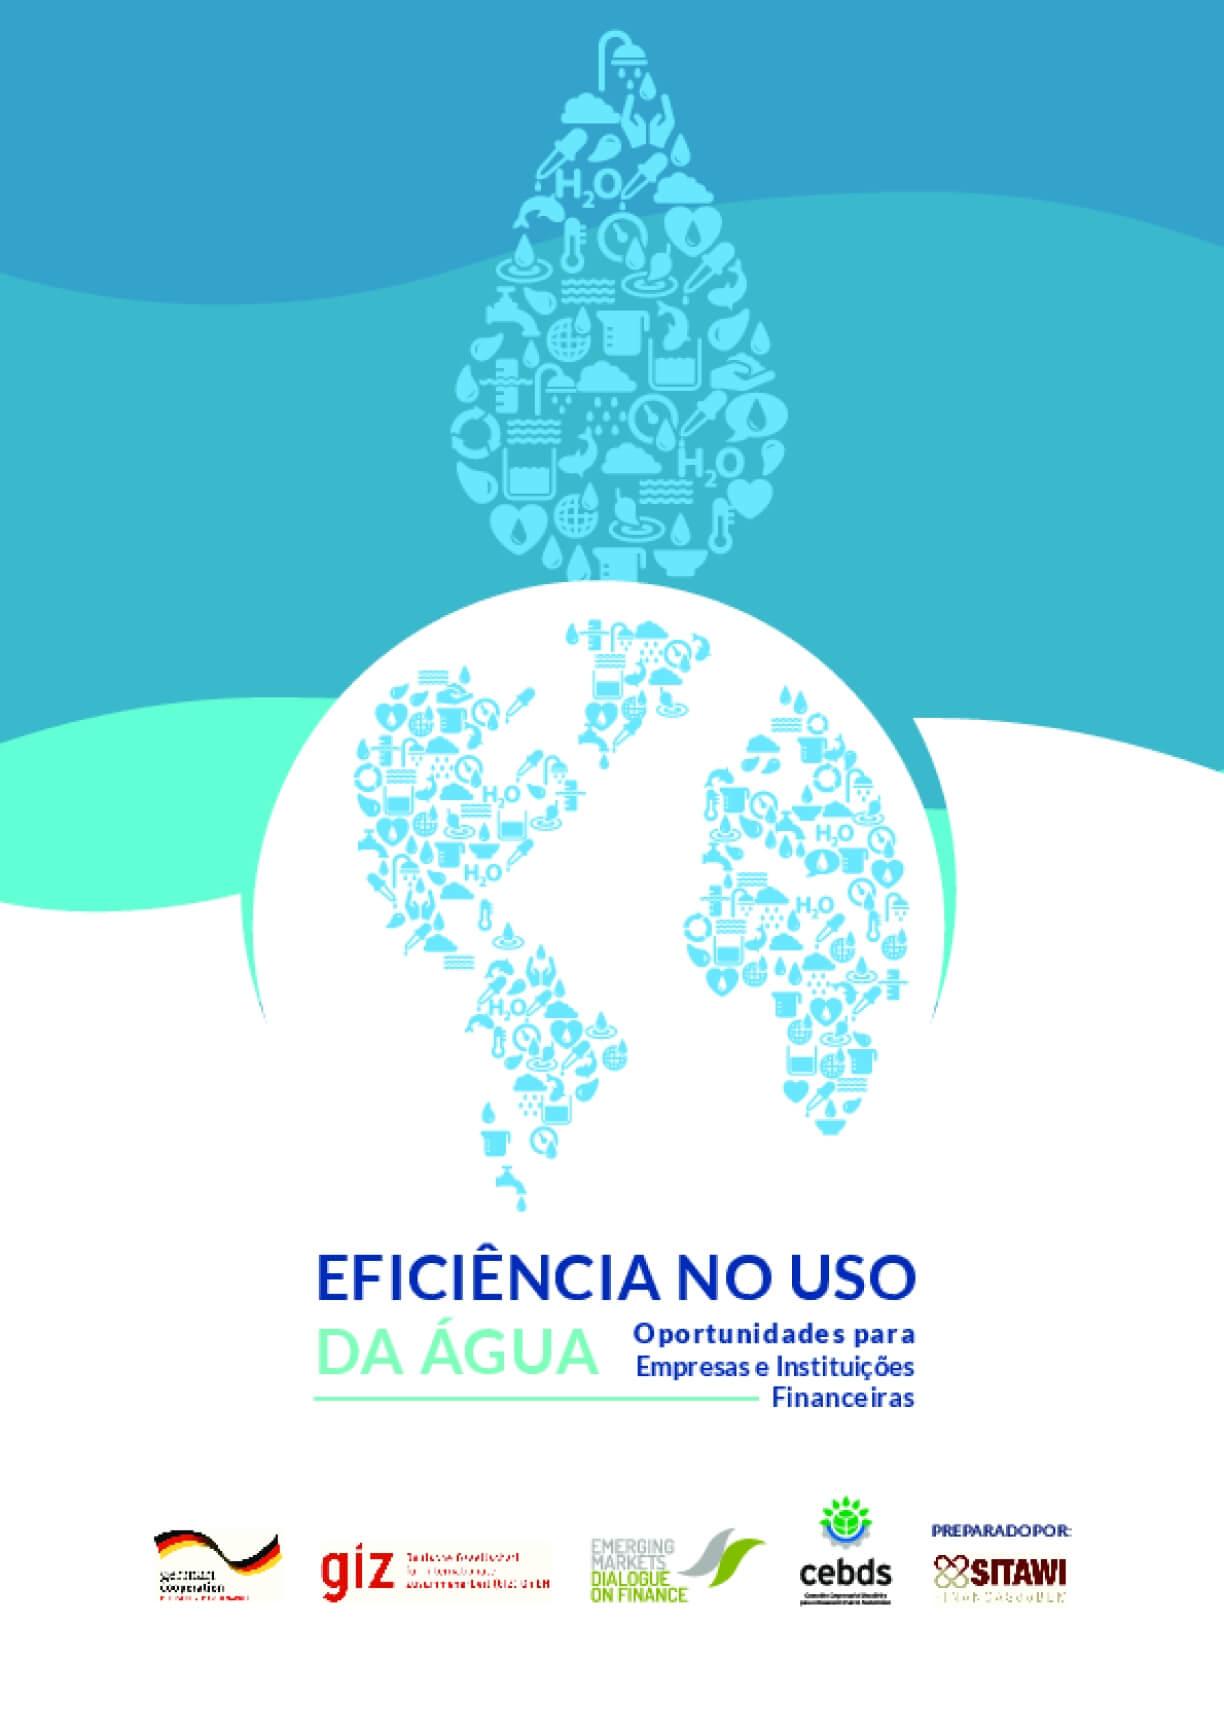 Eficiência no uso da água: oportunidades para empresas e instituições financeiras